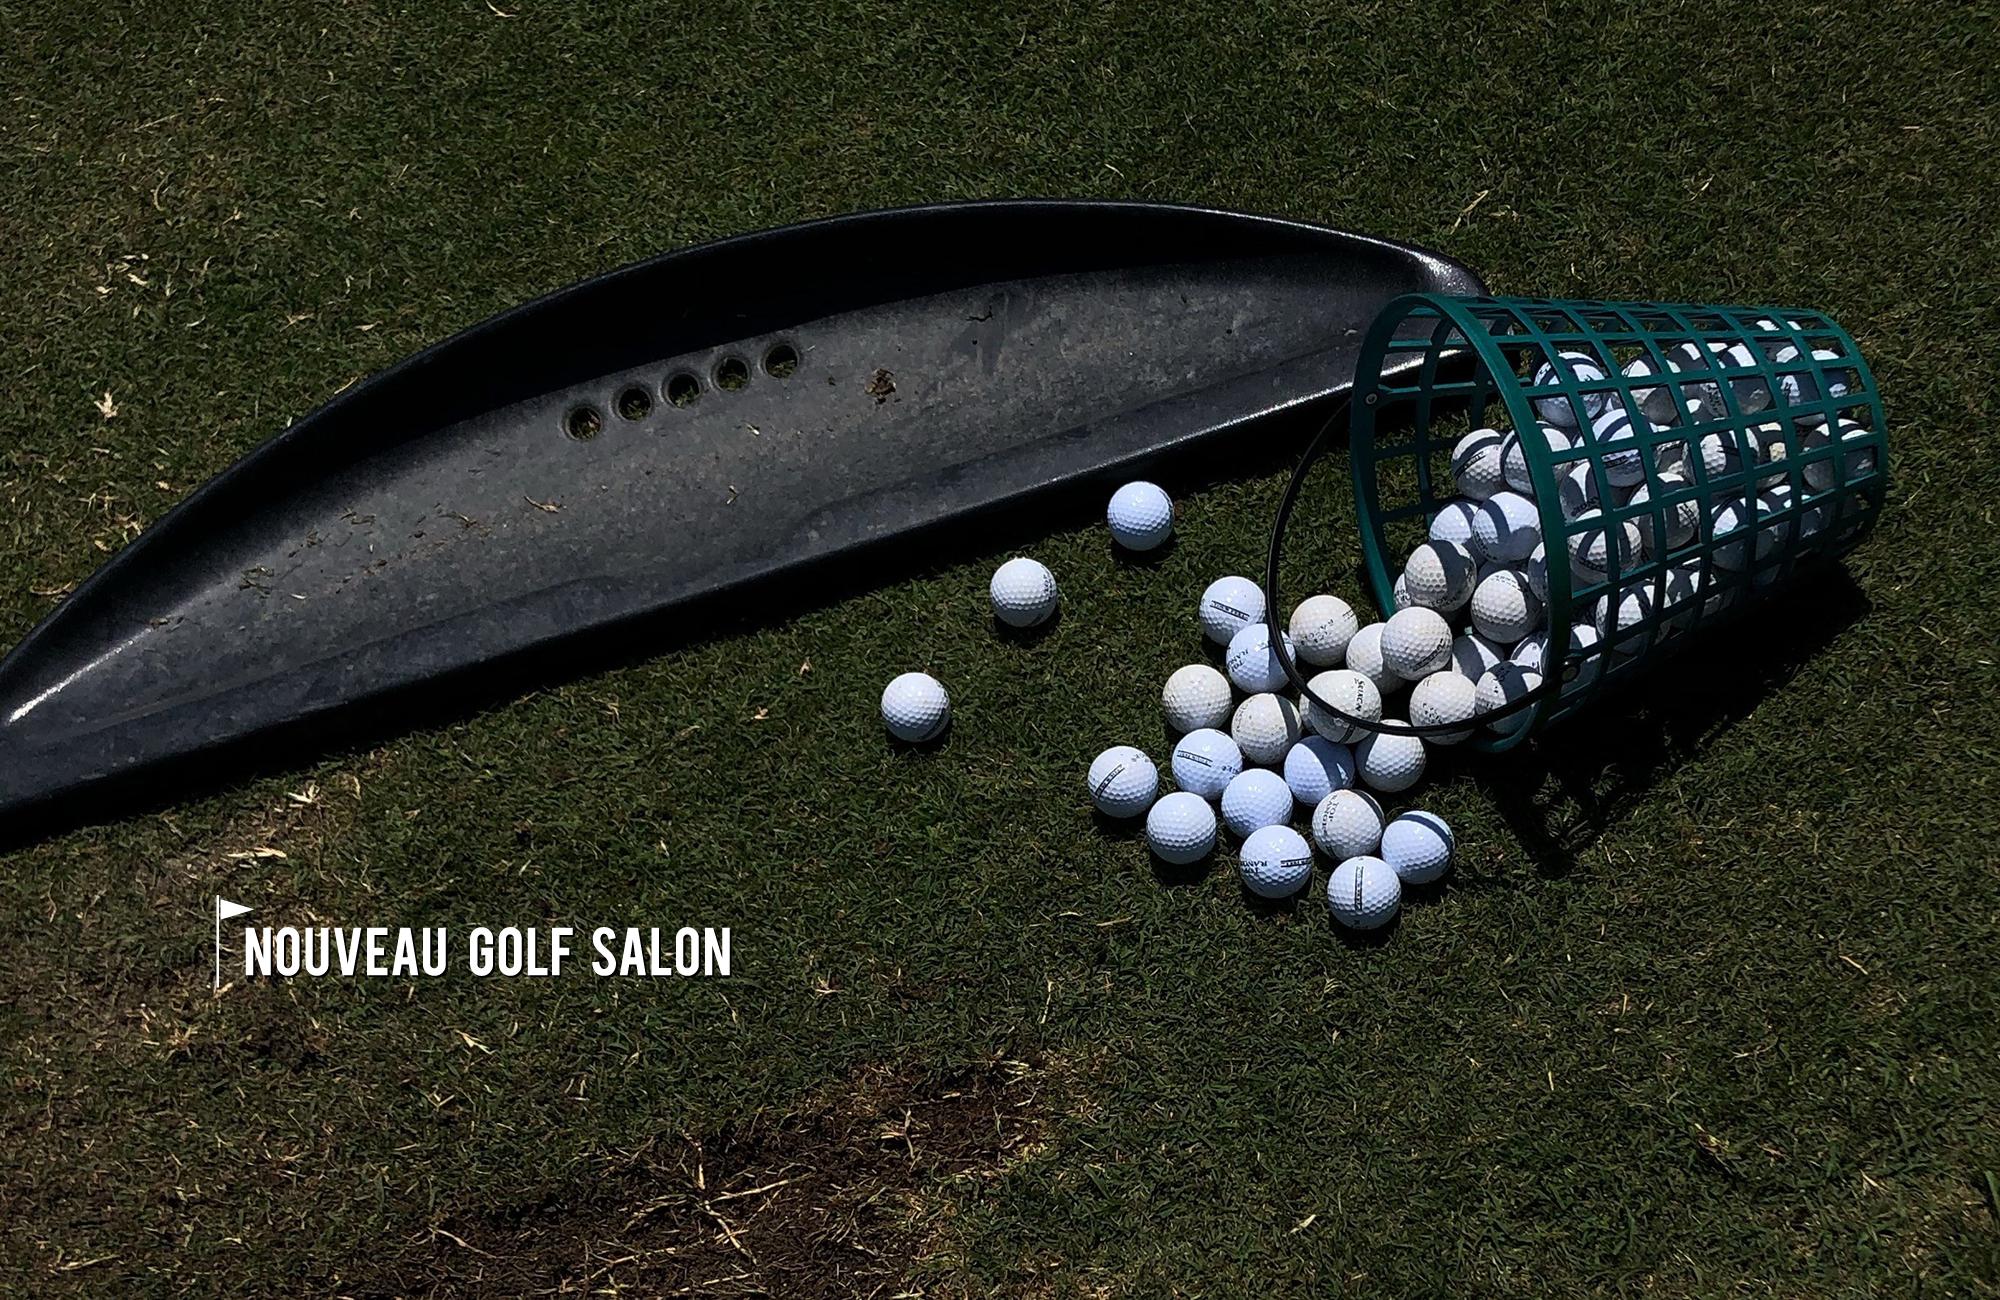 ゴルフをもっと身近でカジュアルに楽しむ 新しいコミュニティー